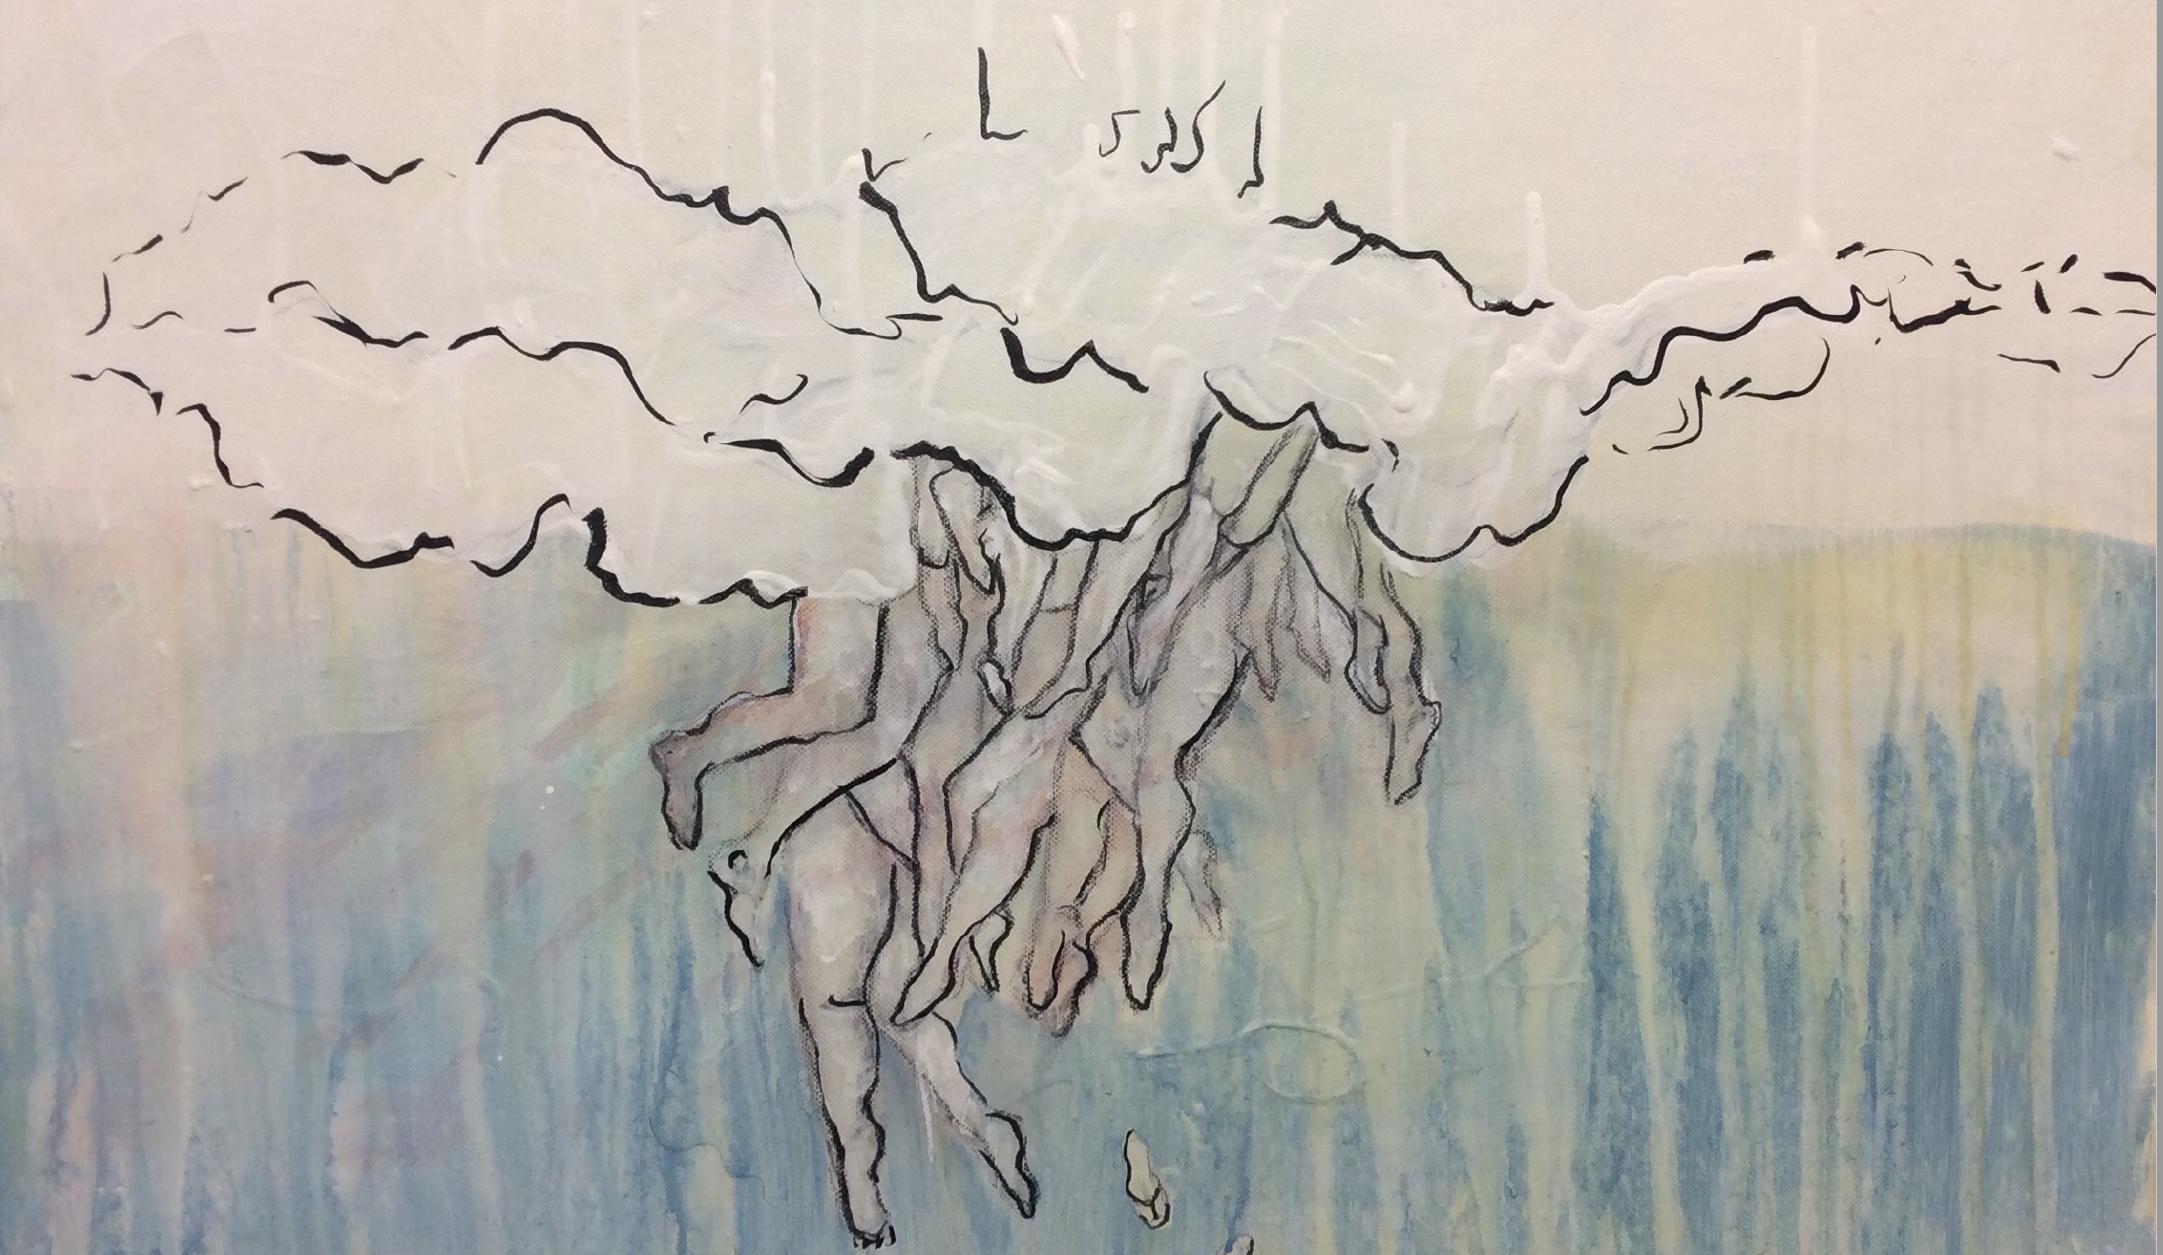 2016LevitationAcryl-auf-Leinwand50x60-slider